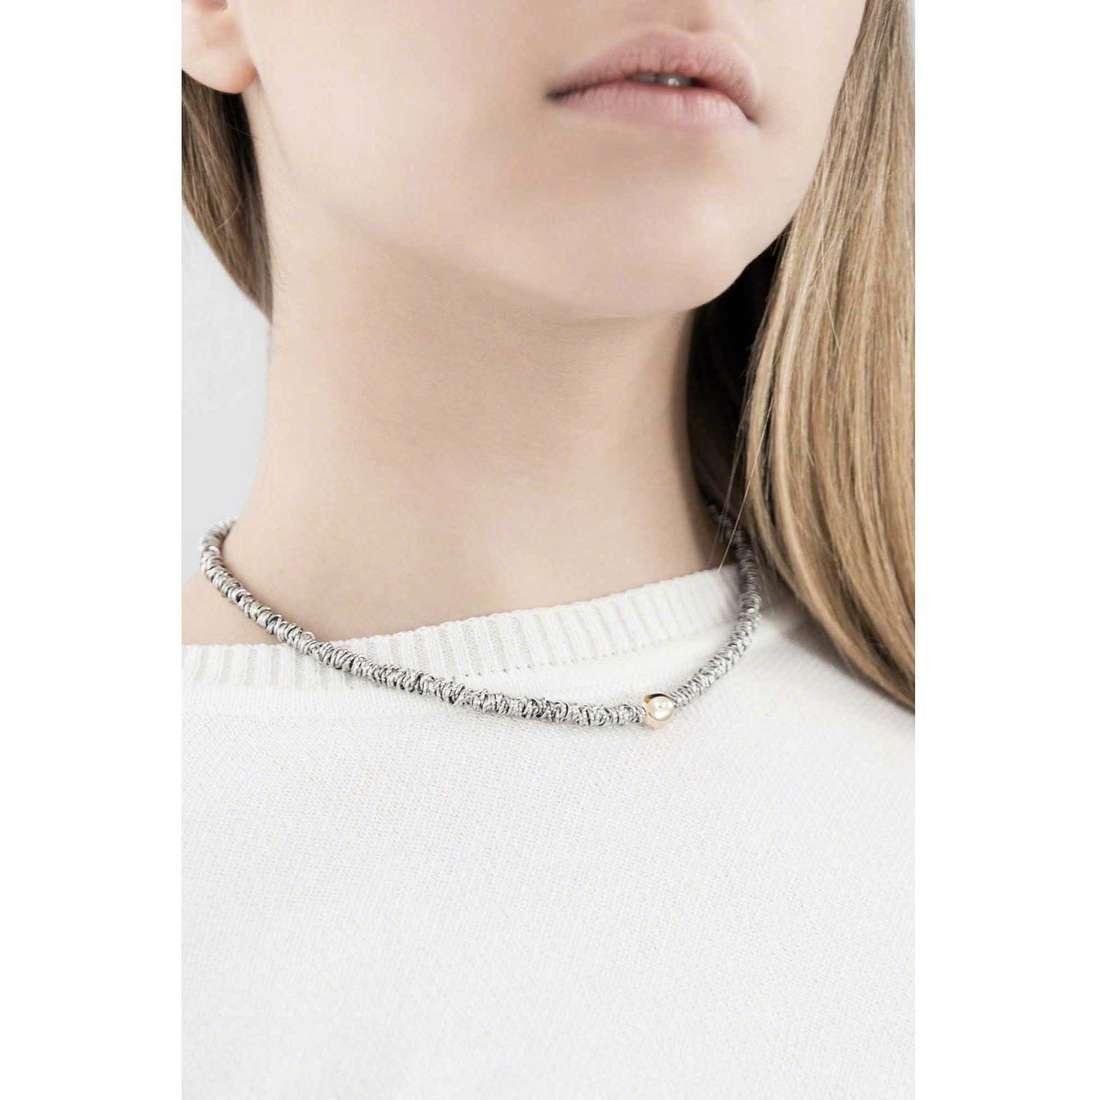 Breil colliers Vertigo femme TJ1675 indosso